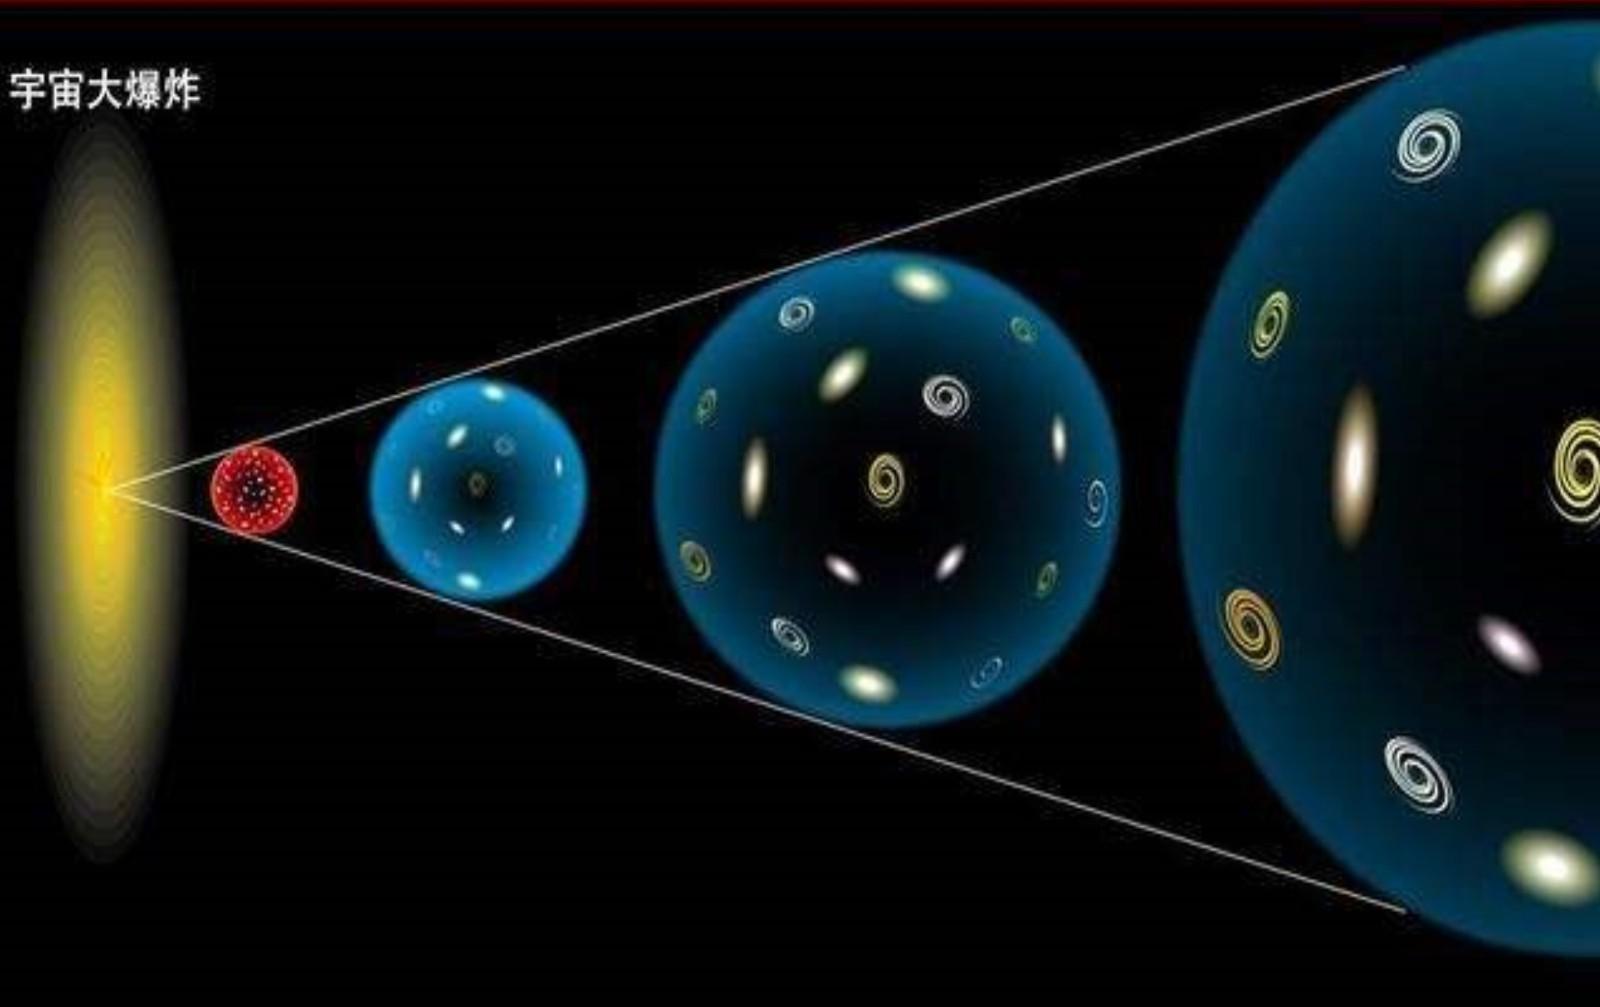 宇宙年龄只有138亿岁,范围却有上千亿光年,这里面有矛盾吗?